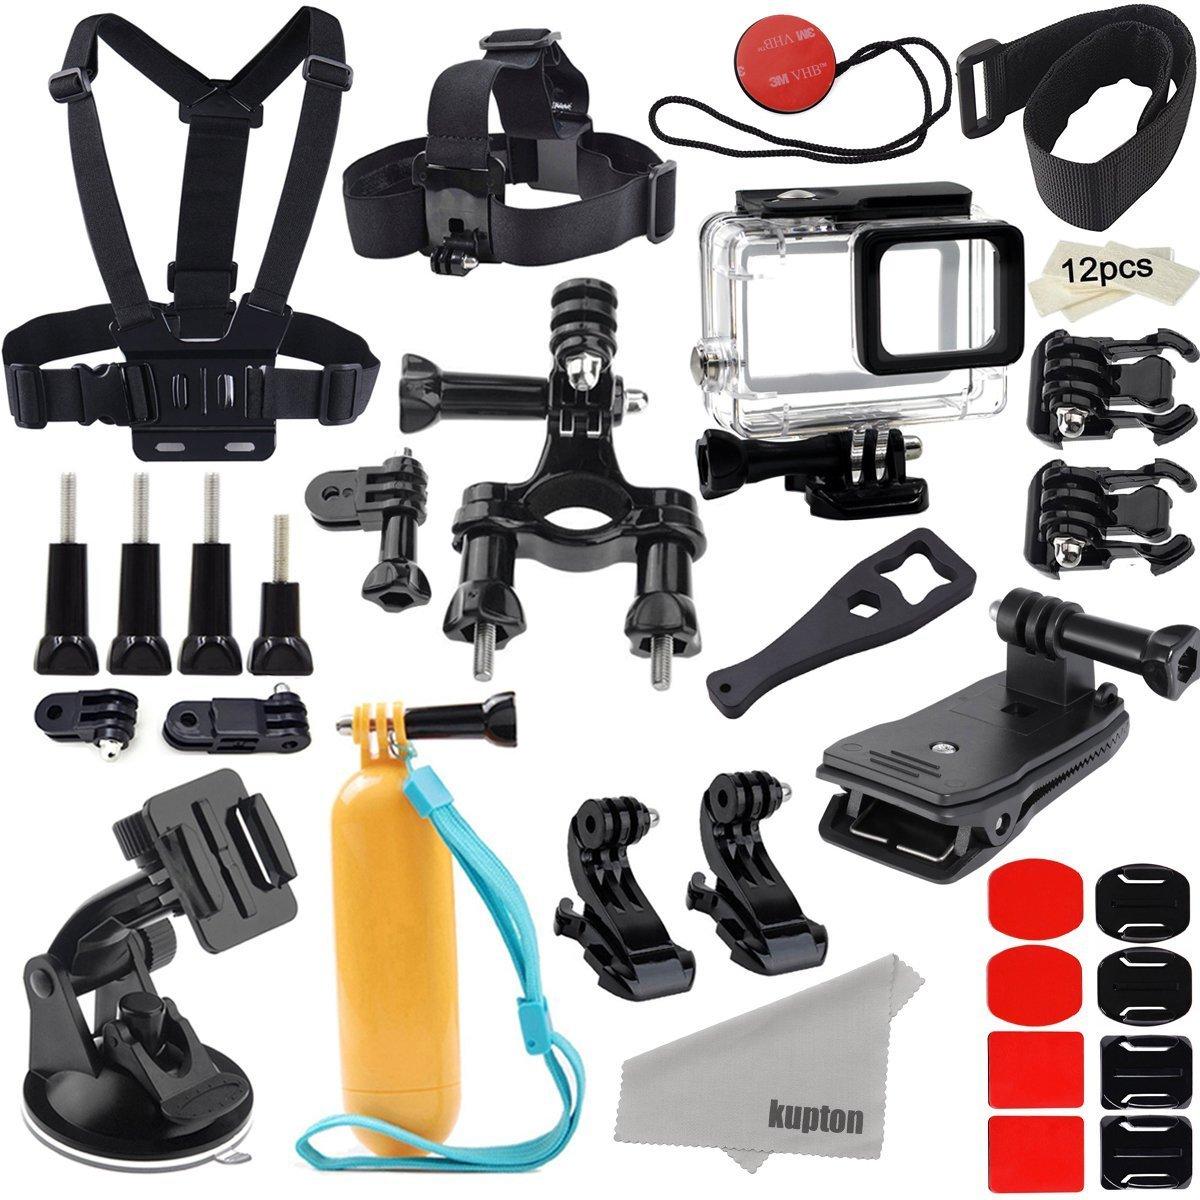 Kupton Accessori Kit per GoPro Hero 6/5 Action Camcorder Accessori per Fotocamere Supporto Impermeab